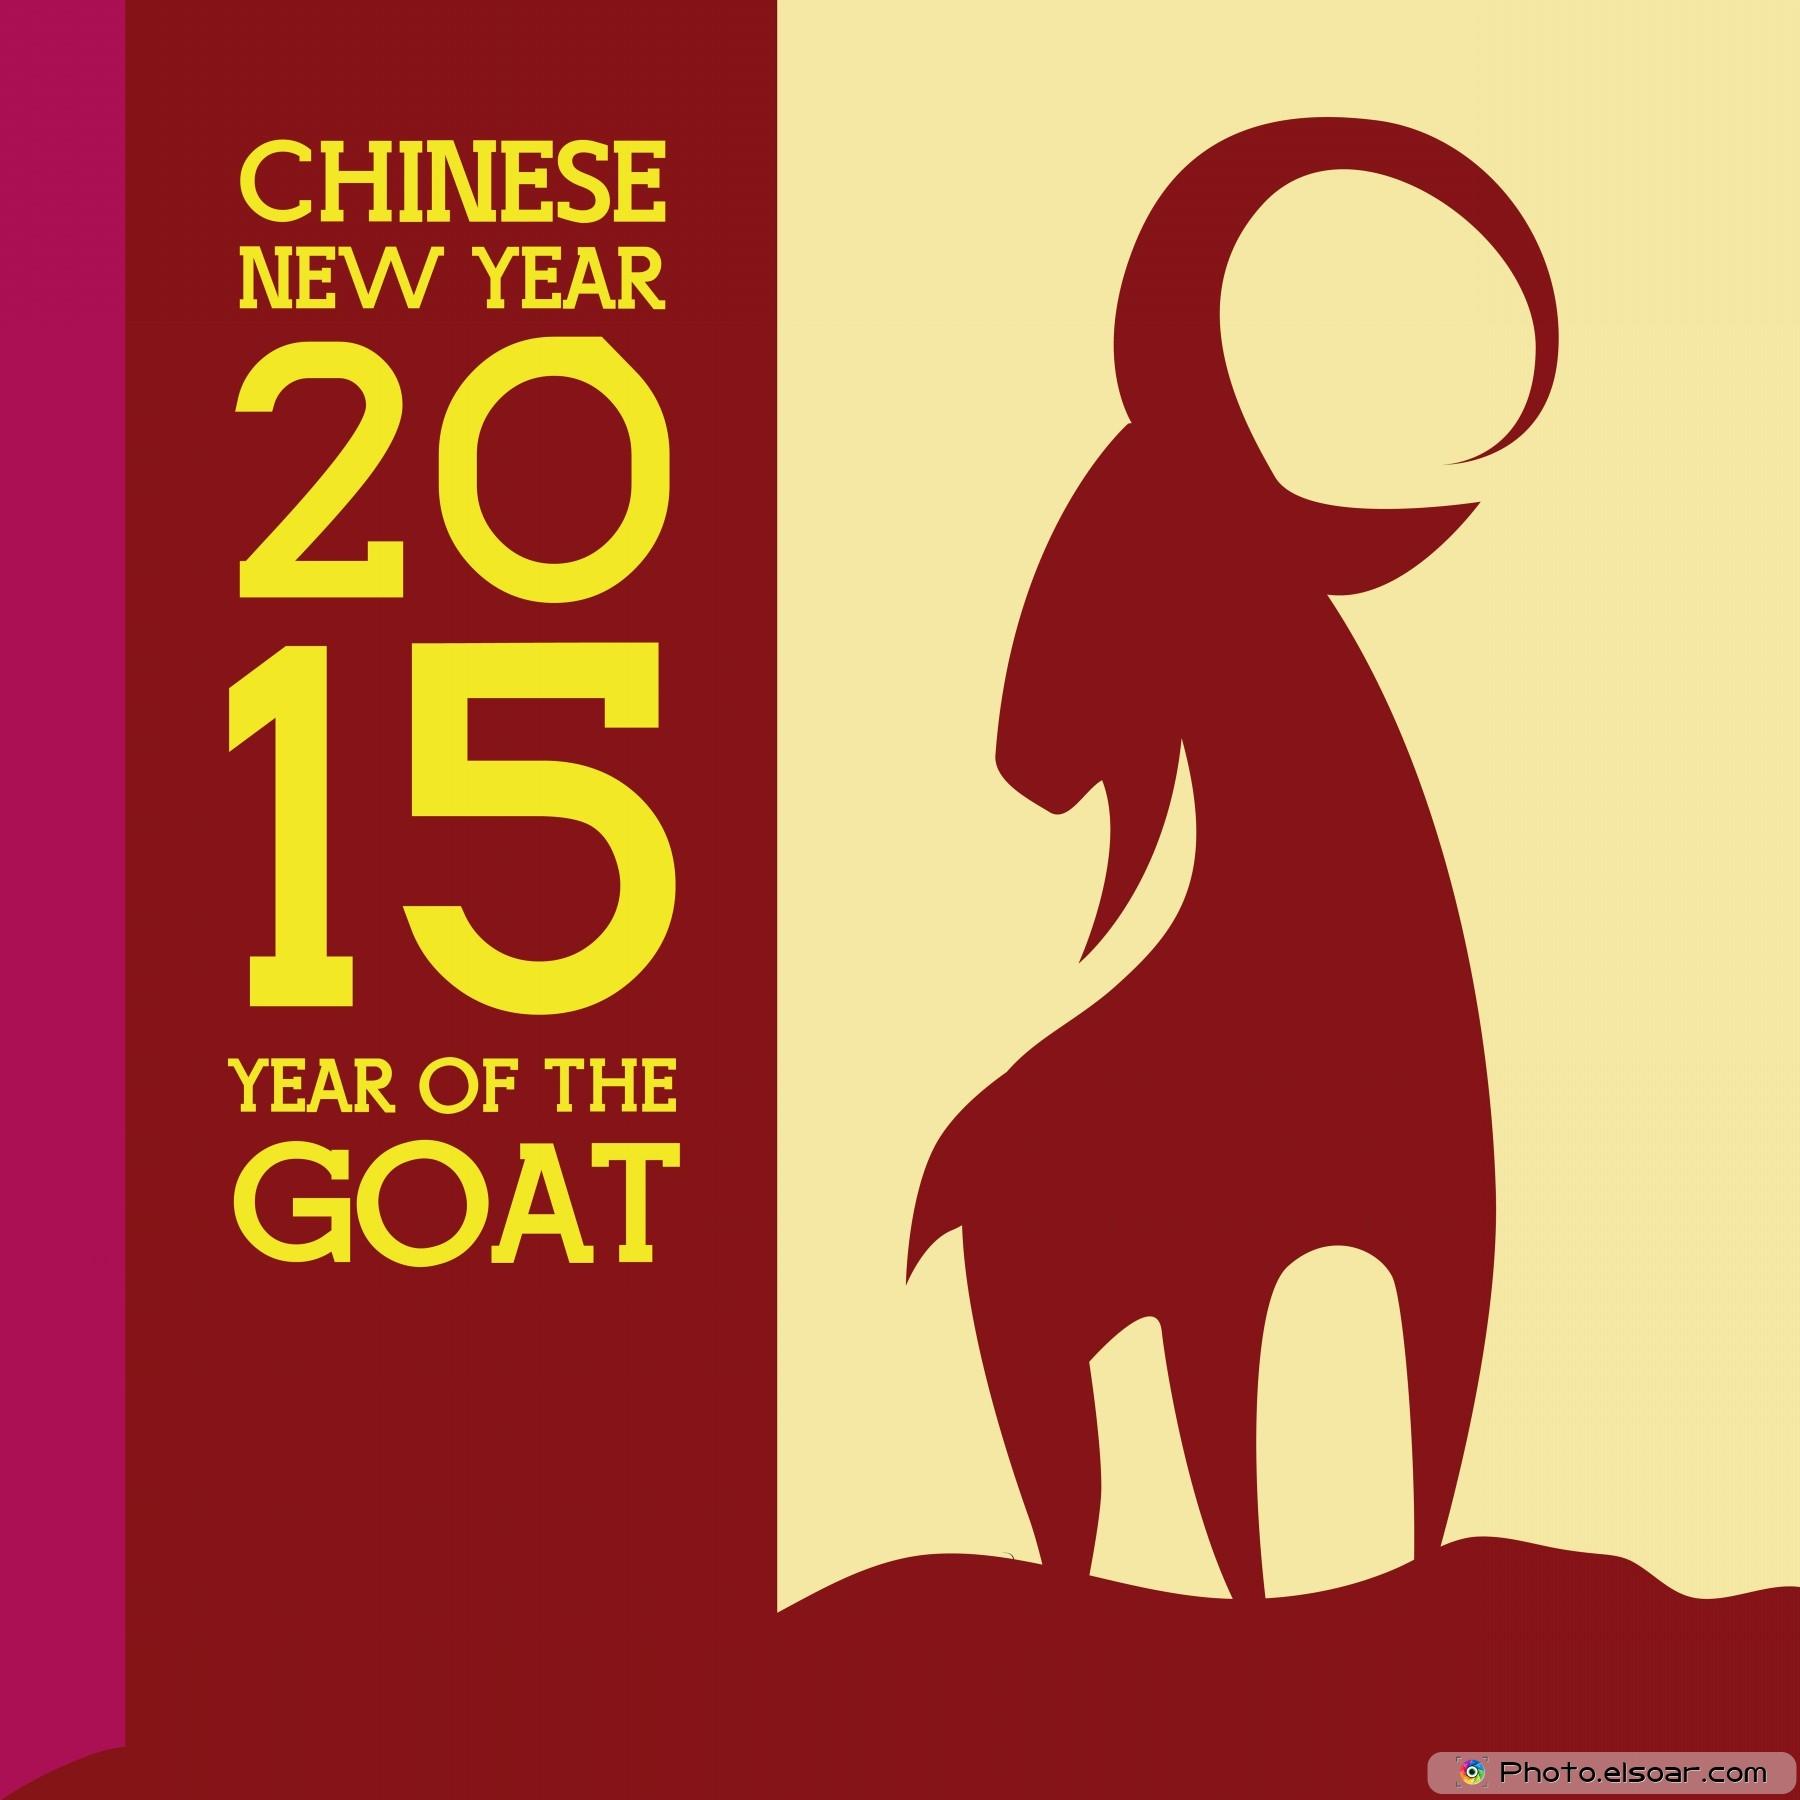 มาดูดวงคลายเครียด รับตรุษจีน 2015 กันดีกว่าค่ะ   เรียน ...  Happy Chinese New Year 2015